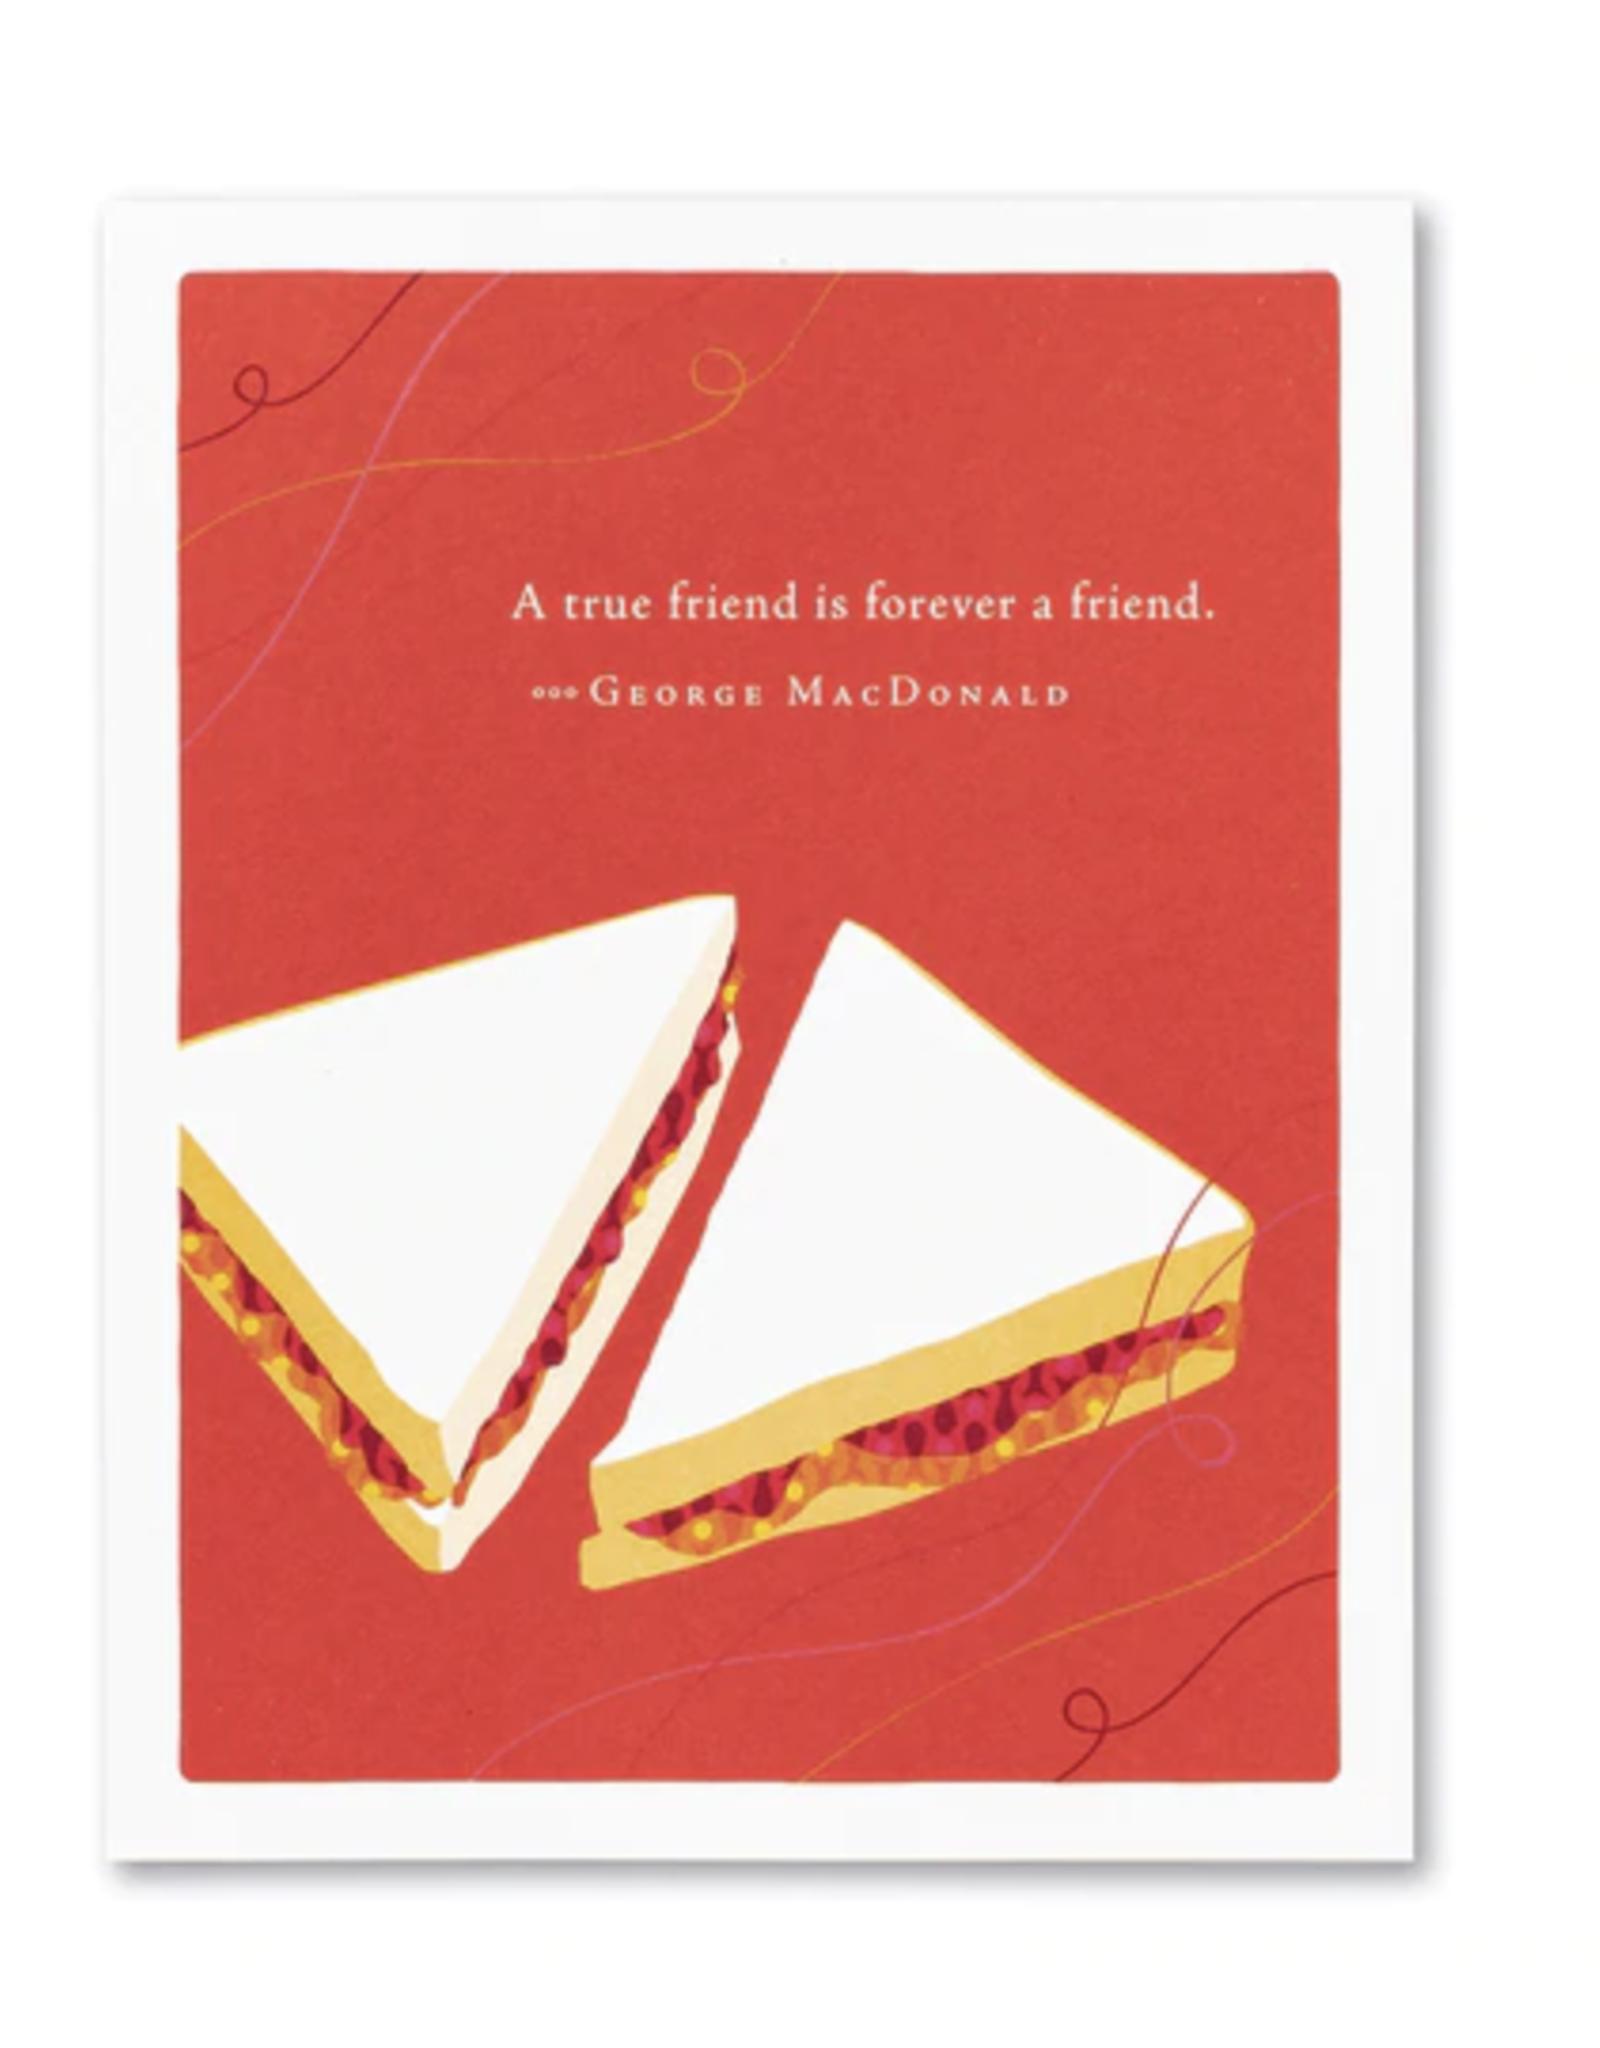 Compendium - Greeting Cards Compendium - Friendship Card - 8159